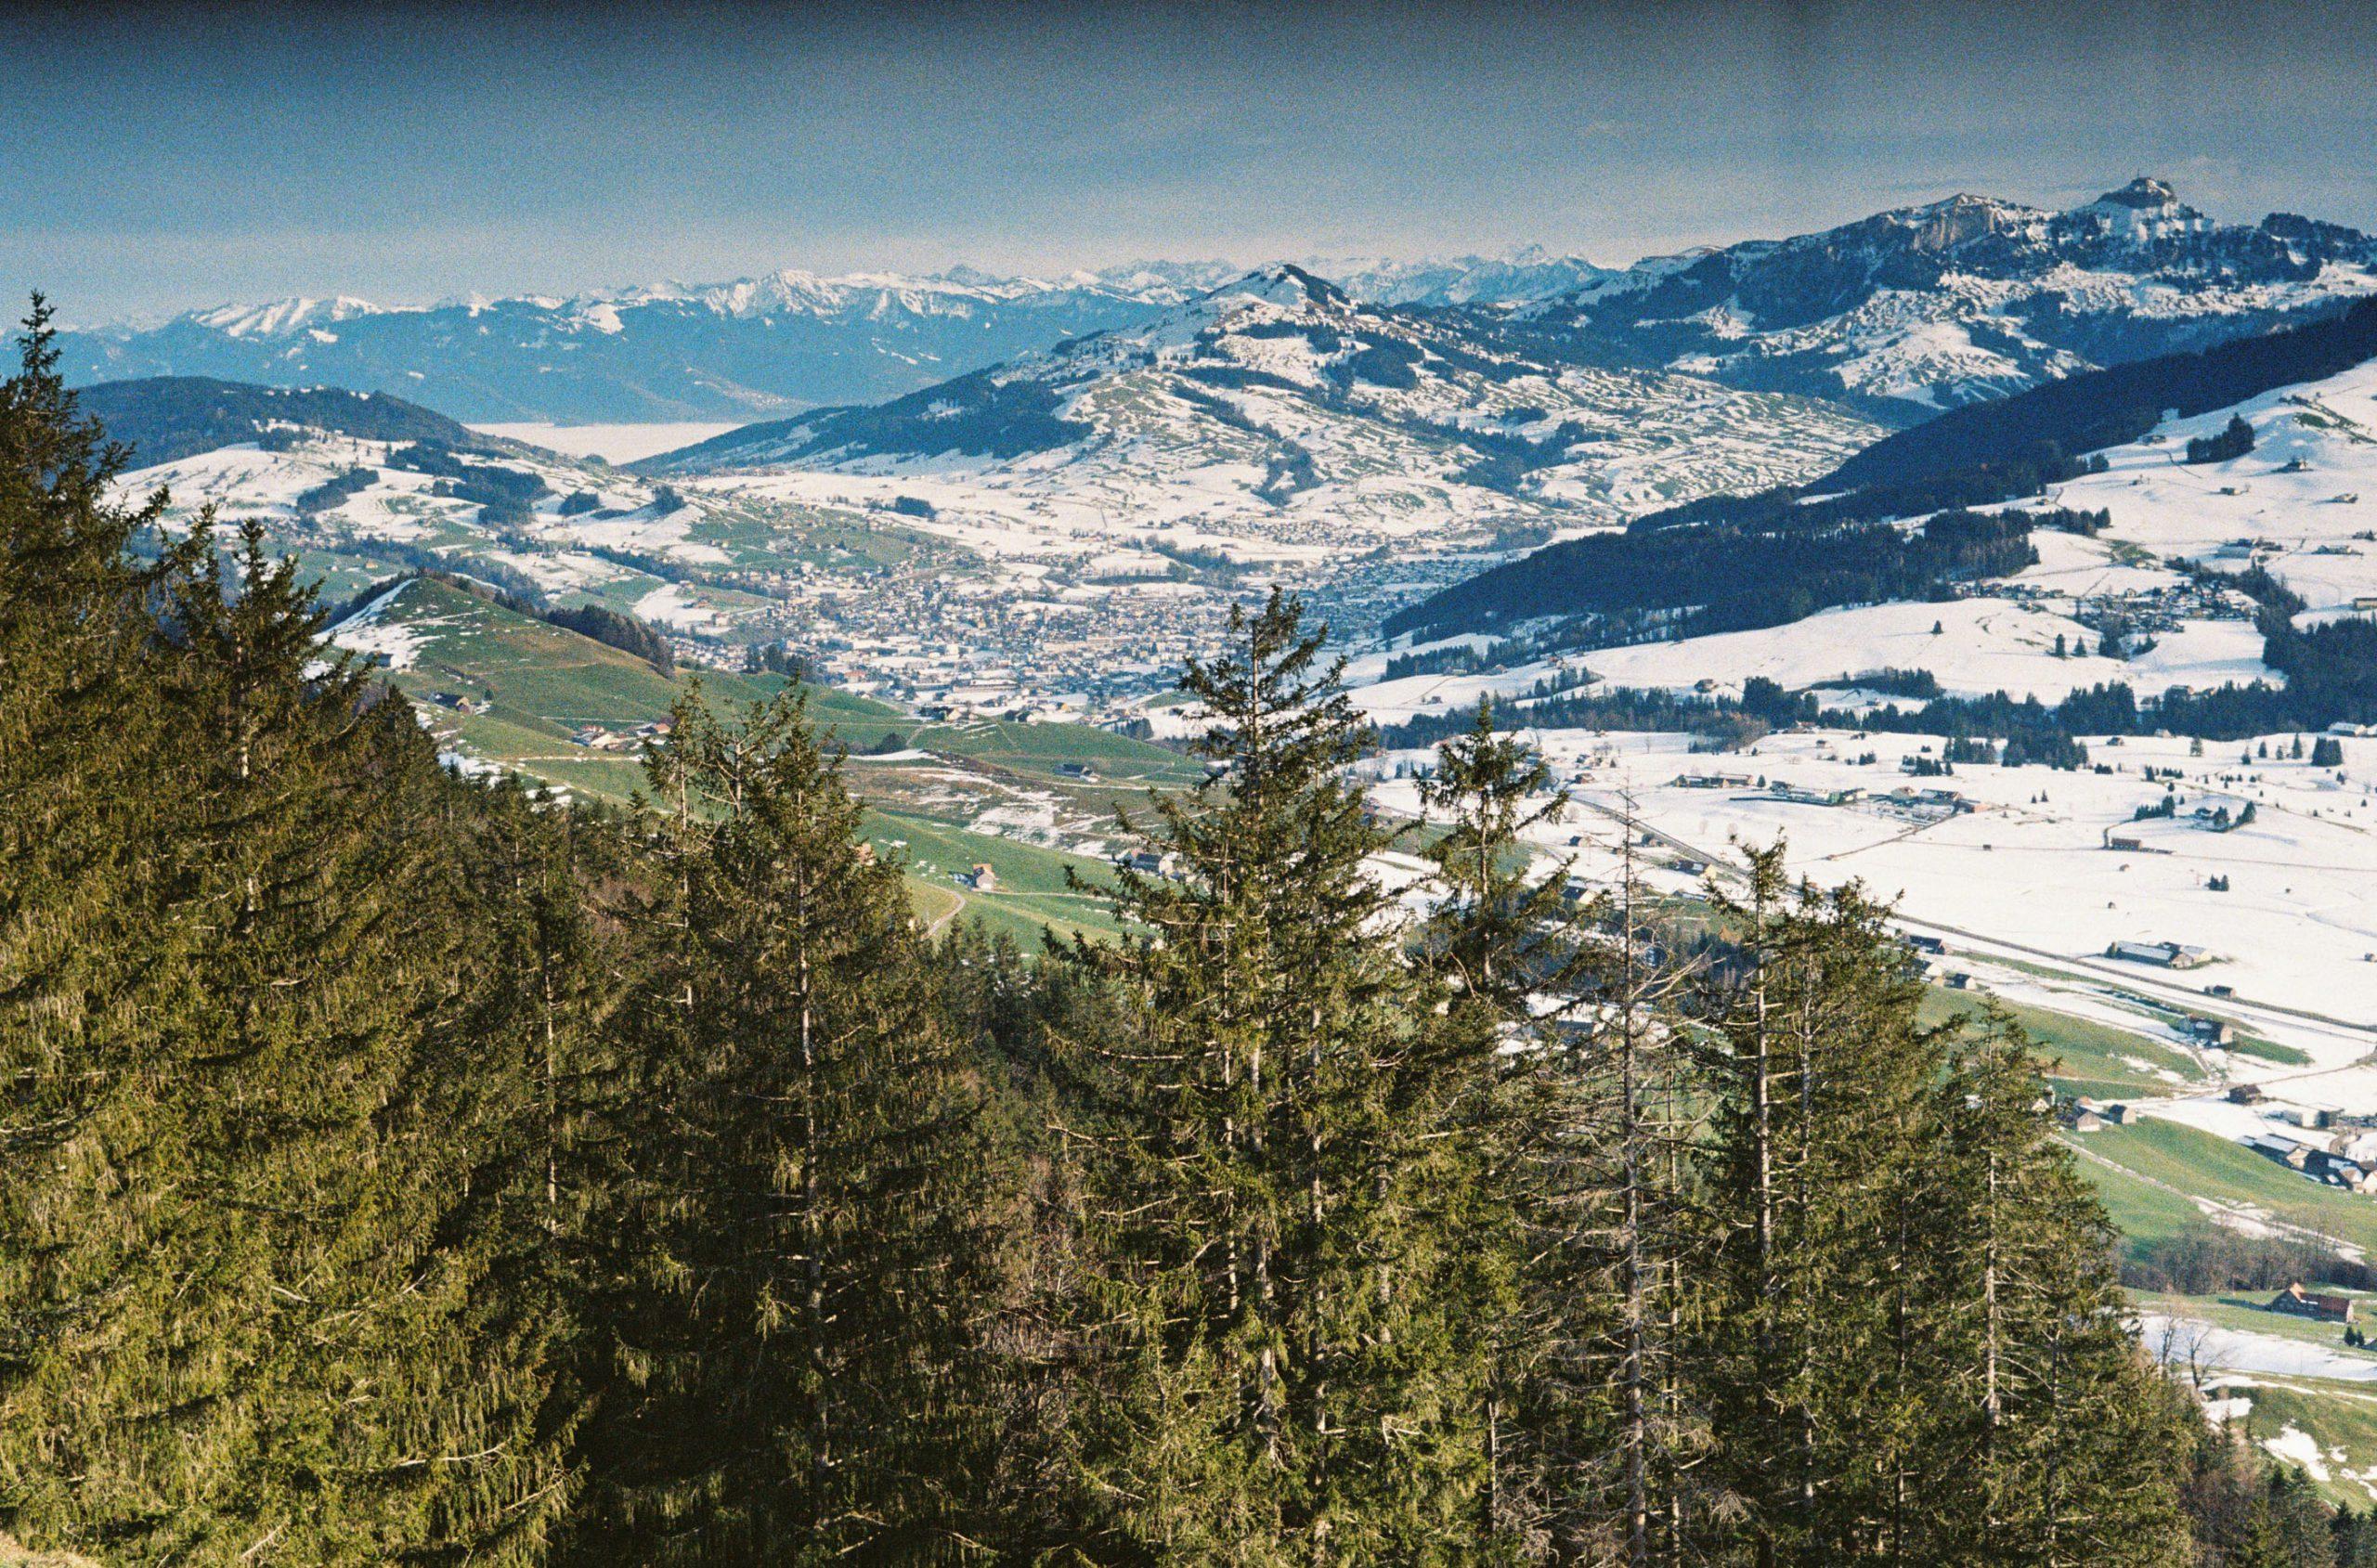 Es ist immer wieder toll: Im Rheintal (oben links) oder am Bodensee sitzen wir im Nebel und können uns gar nicht vorstellen, wie nahe es in die Sonne ist.  Elmar-C 90/4 an Leica CL (Ausschnitt wegen eines Verschluss-Problems am oberen Rand). Kodak Ultramax 400